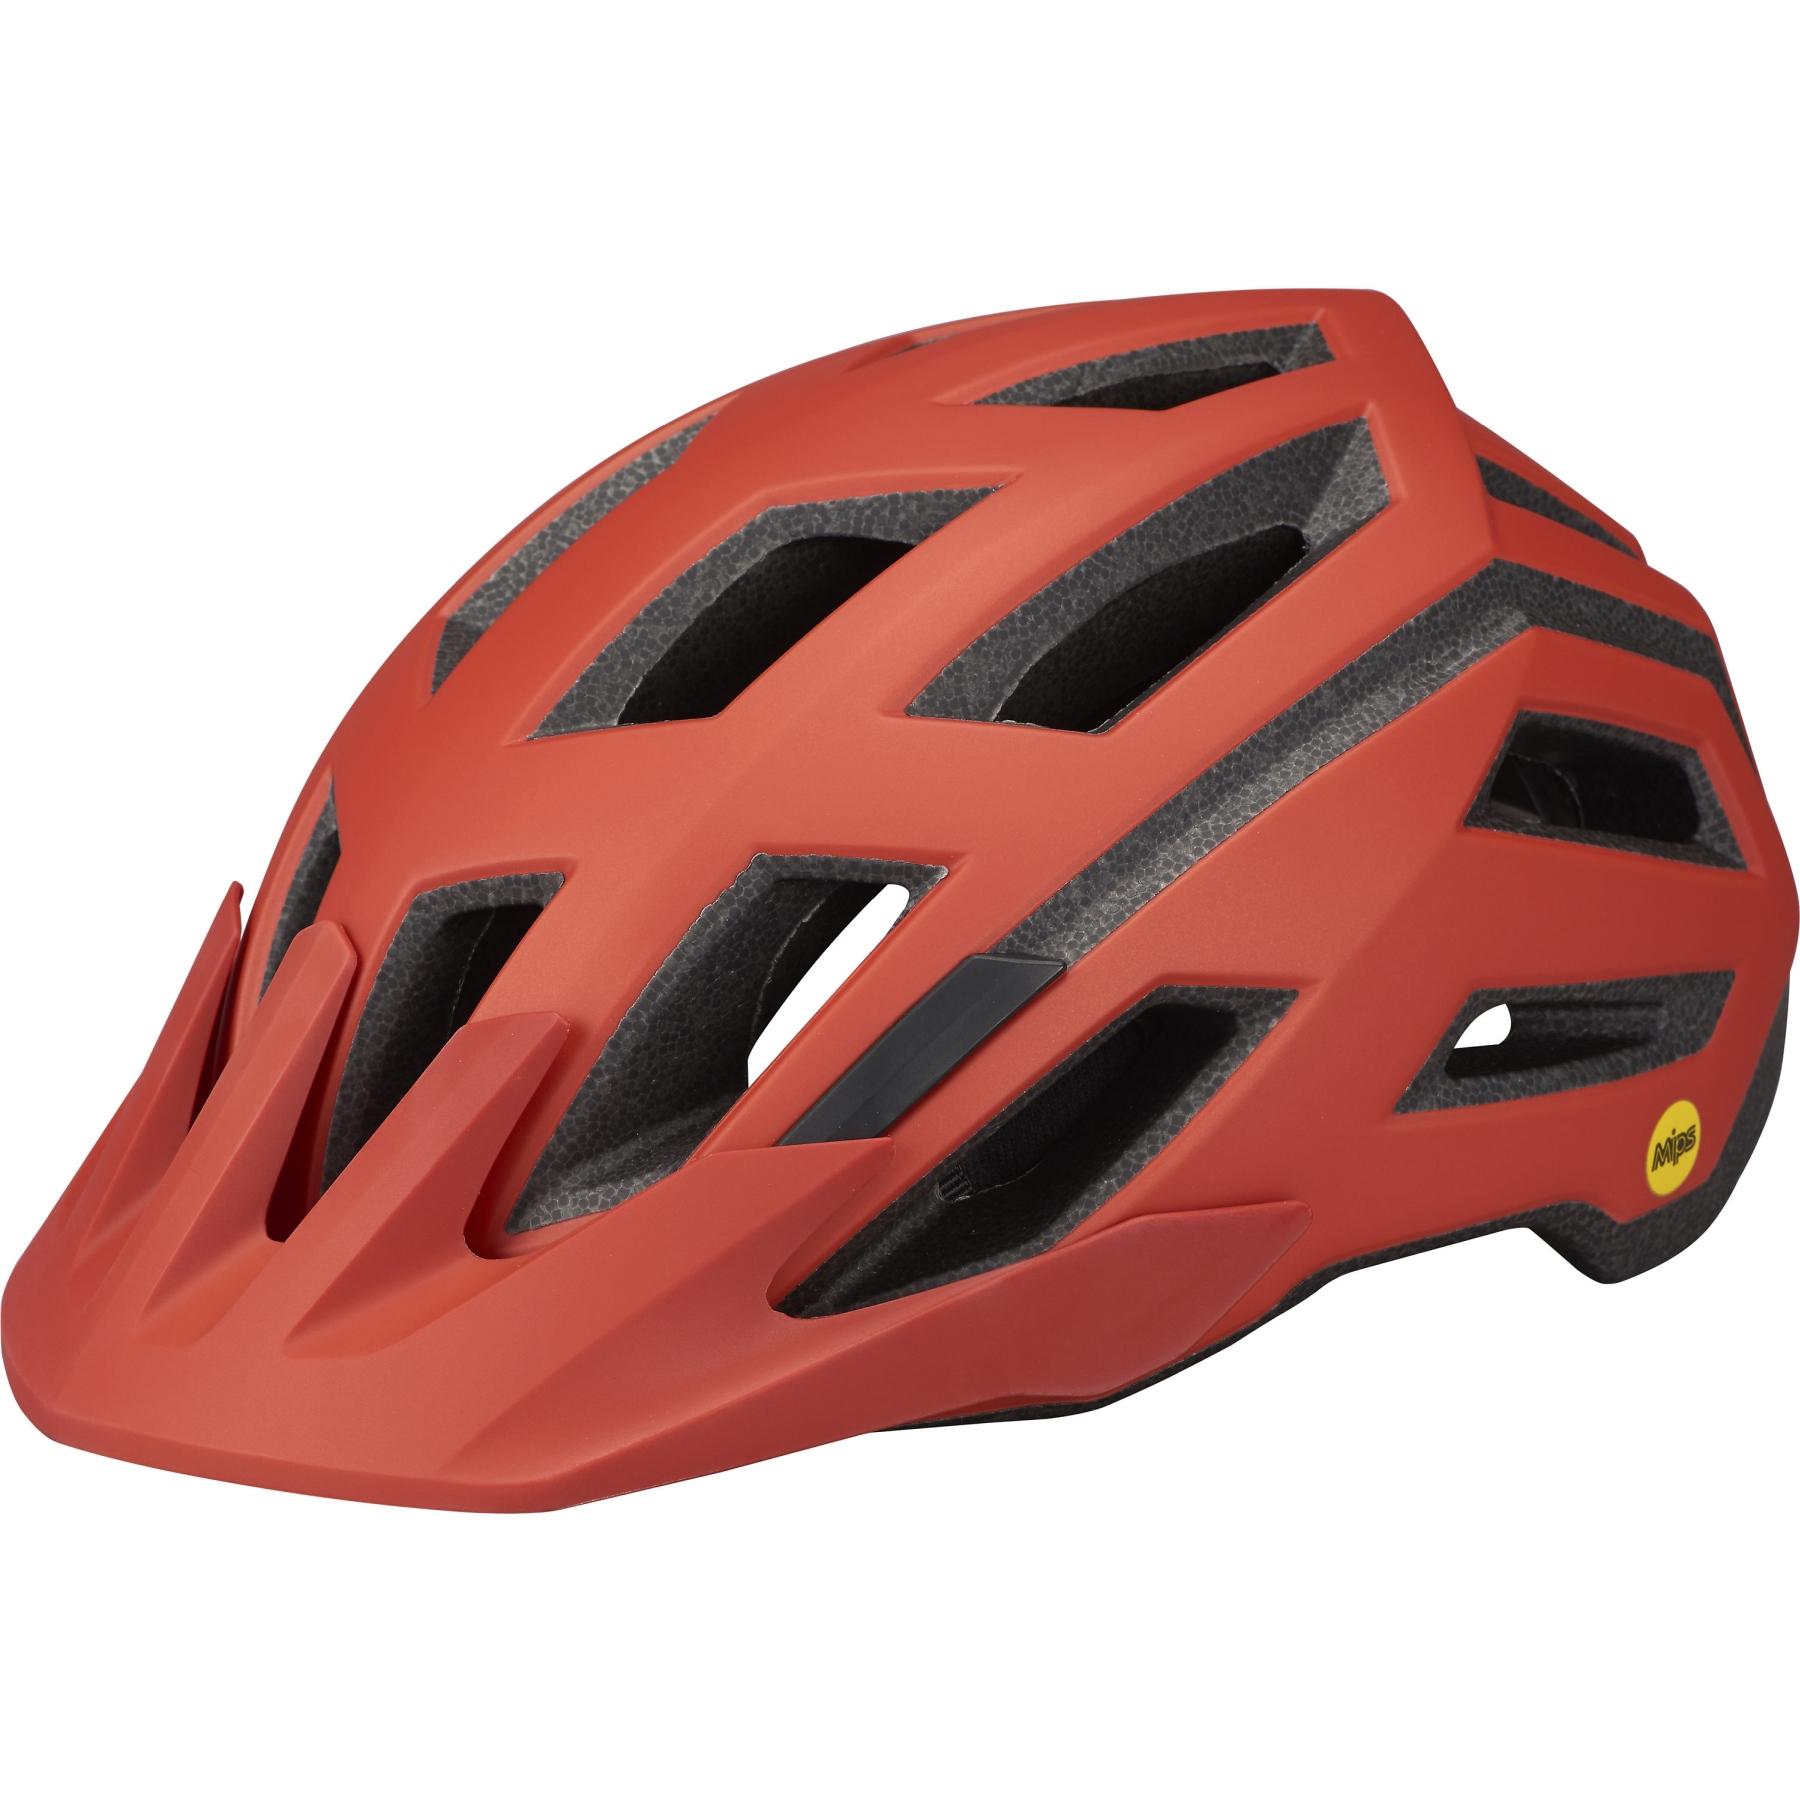 Specialized Tactic 3 MIPS Helmet - Satin Redwood